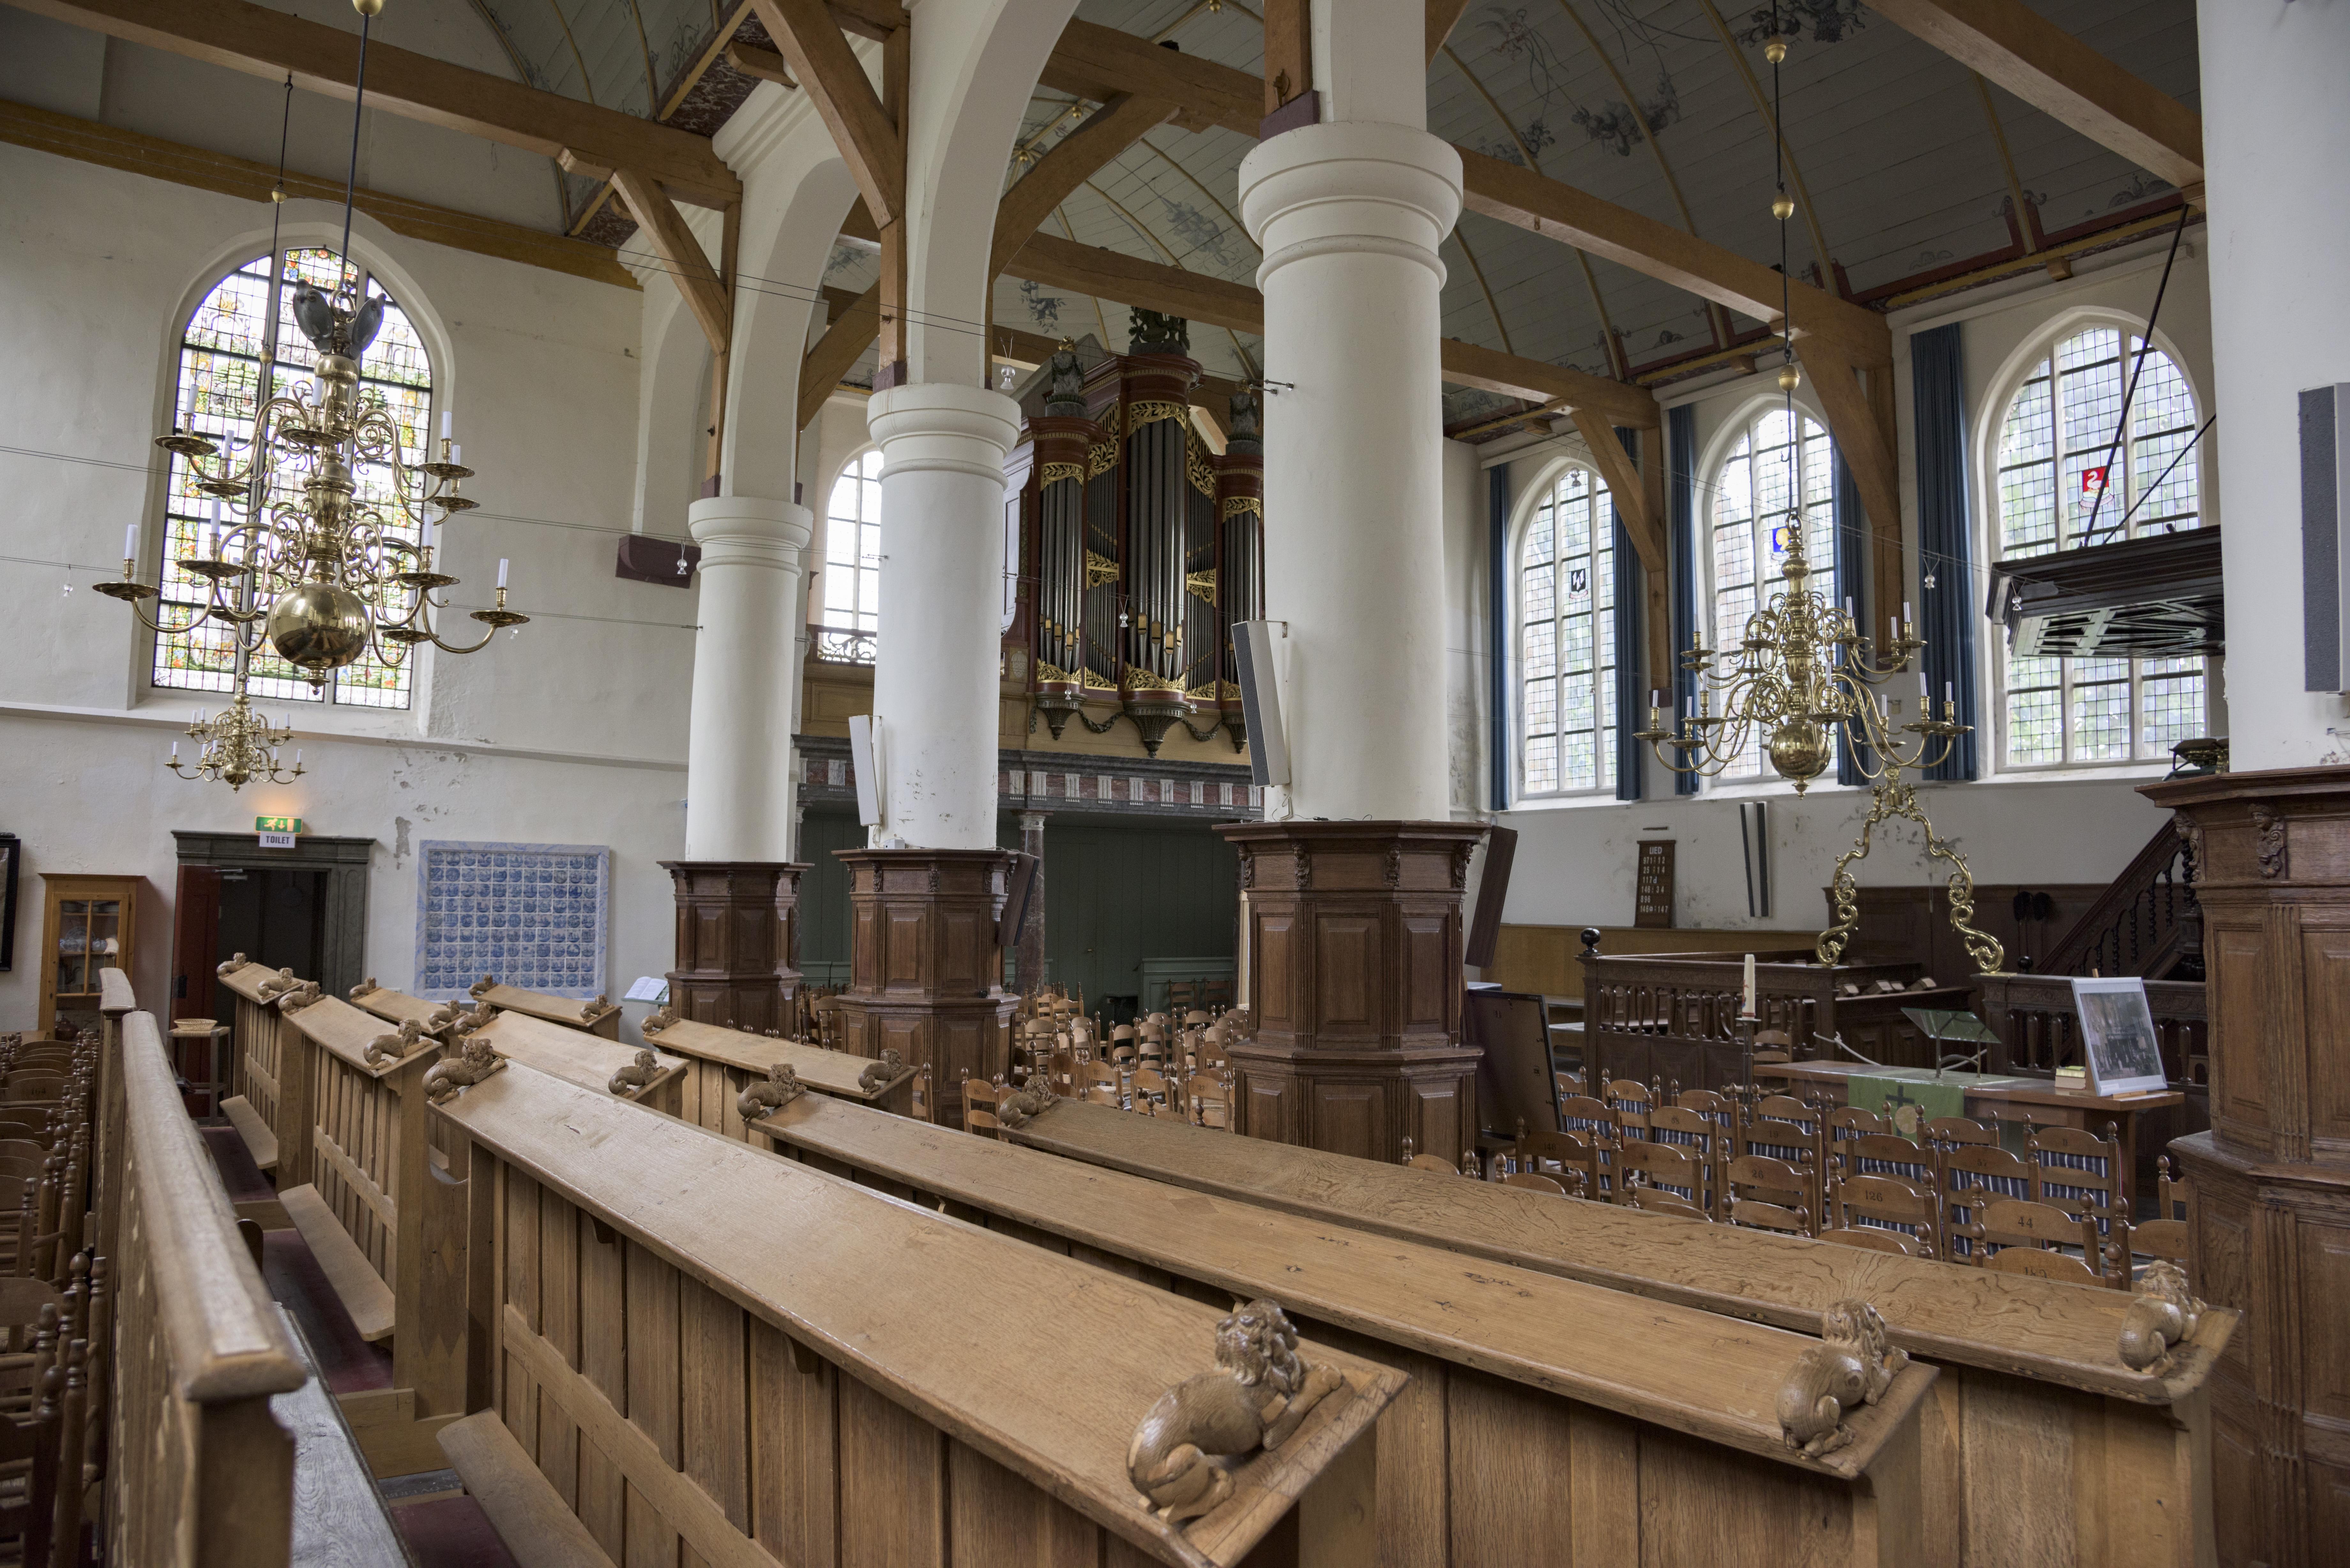 Interieur Broeker Kerk%2C Broek in Waterland hnapel 005 - Broeker Kerk Broek In Waterland